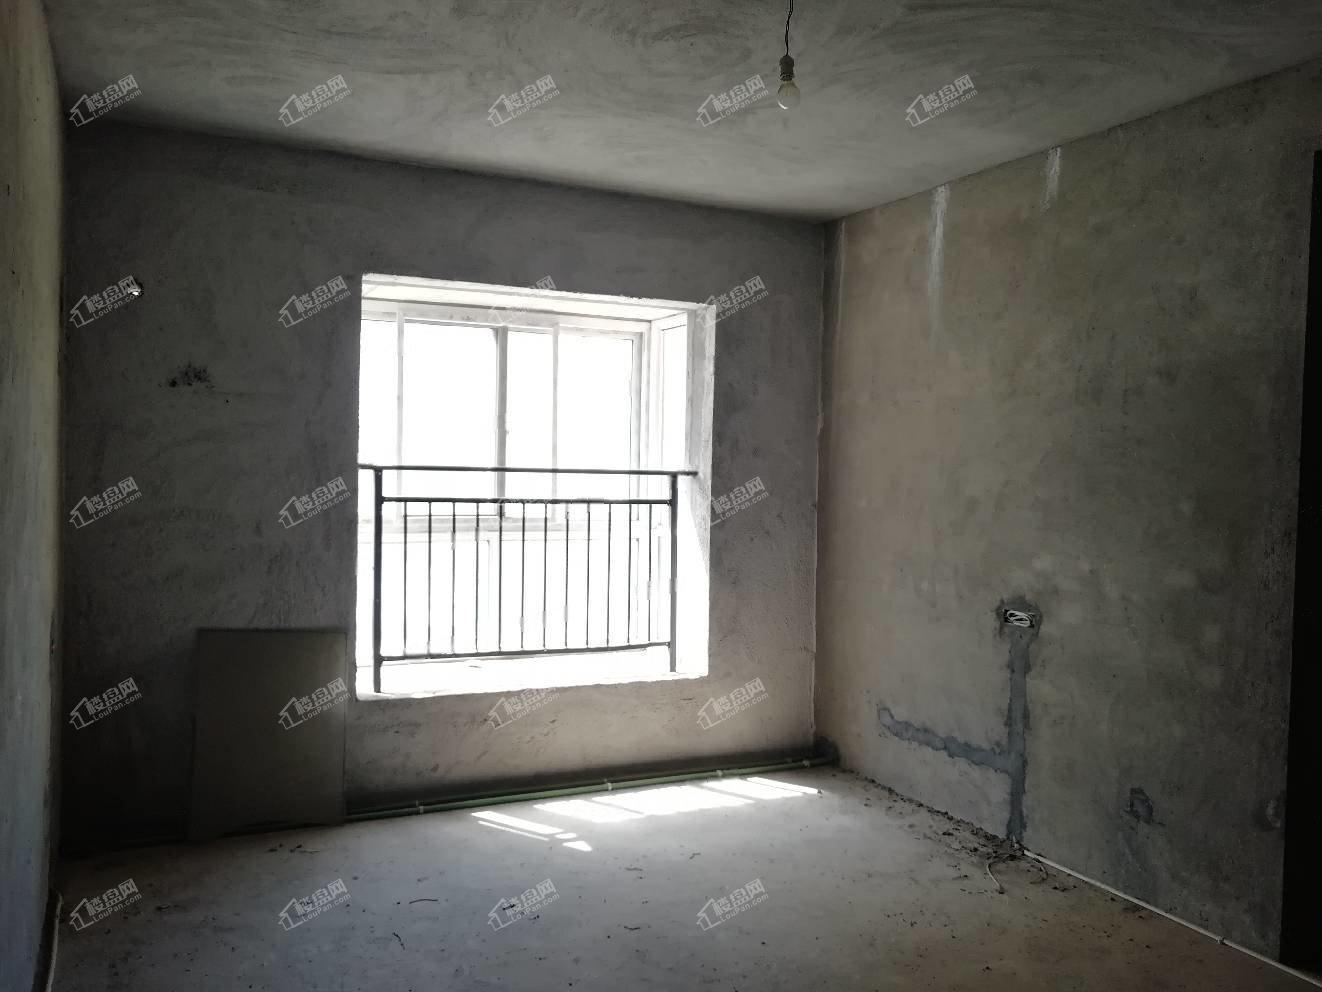 宏运新苑,洋房南北通透双阳台,很好楼层带地下停车场